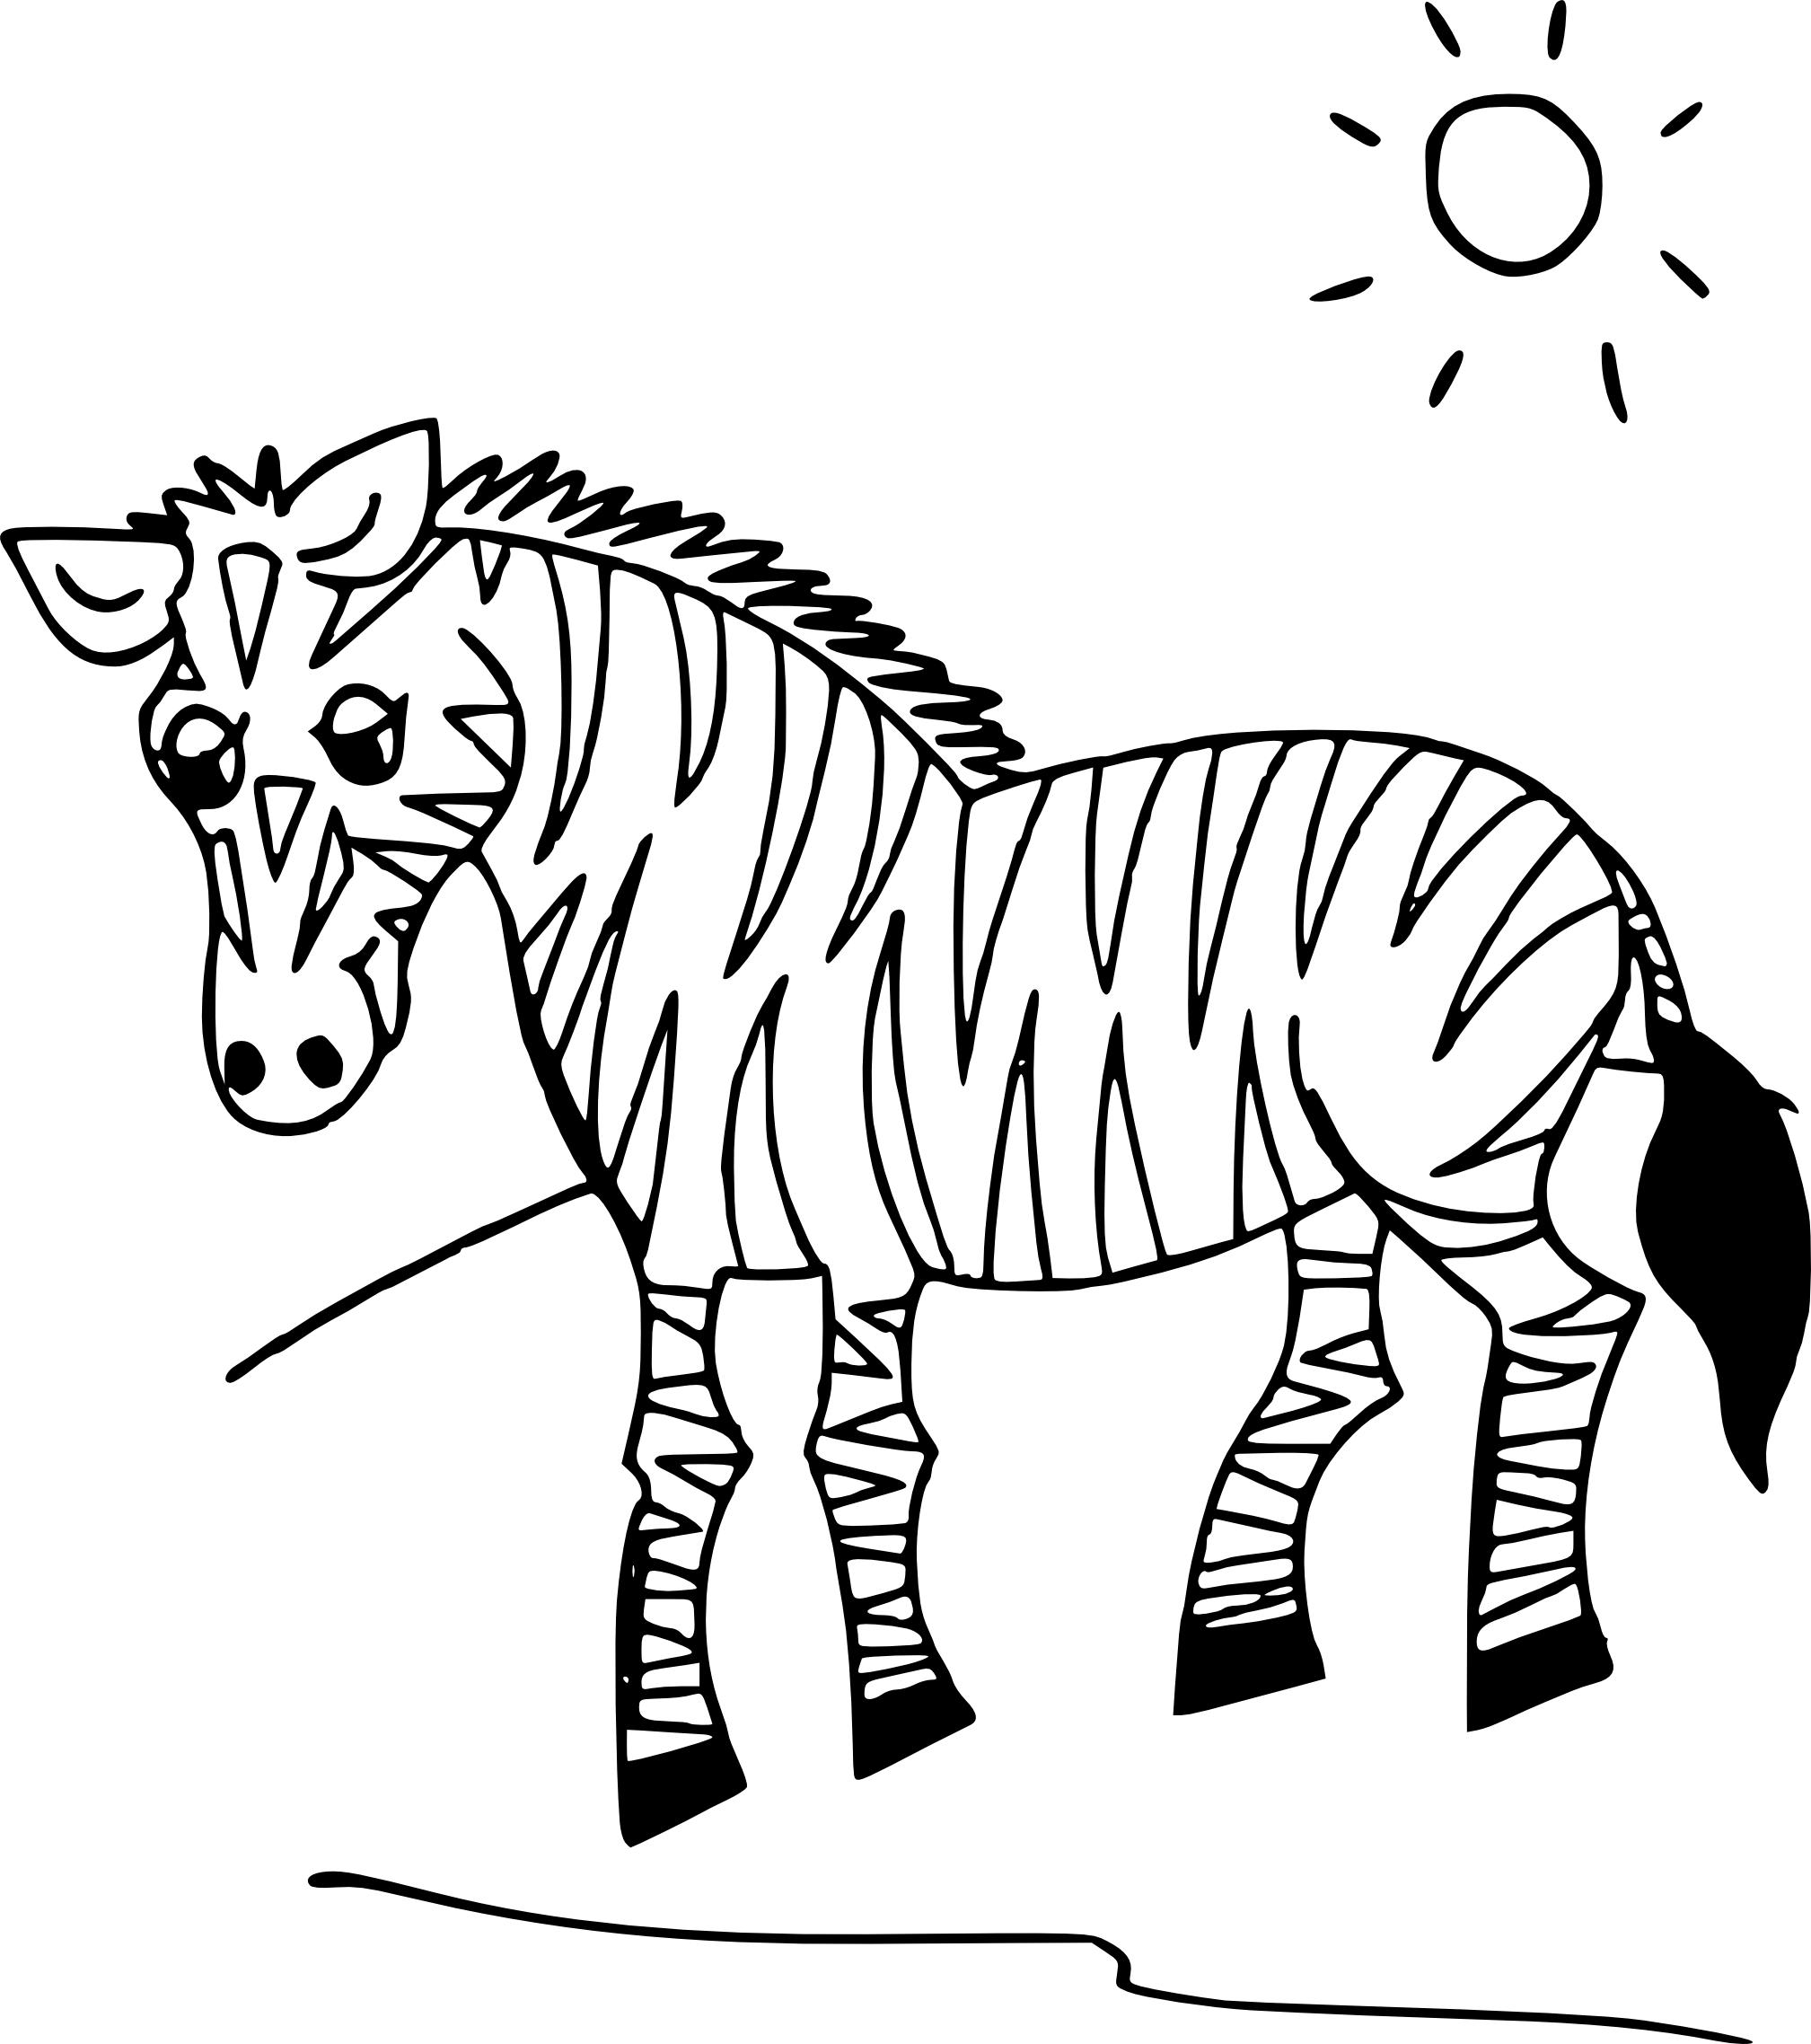 Coloriage z bre imprimer - Coloriage zebre a imprimer ...